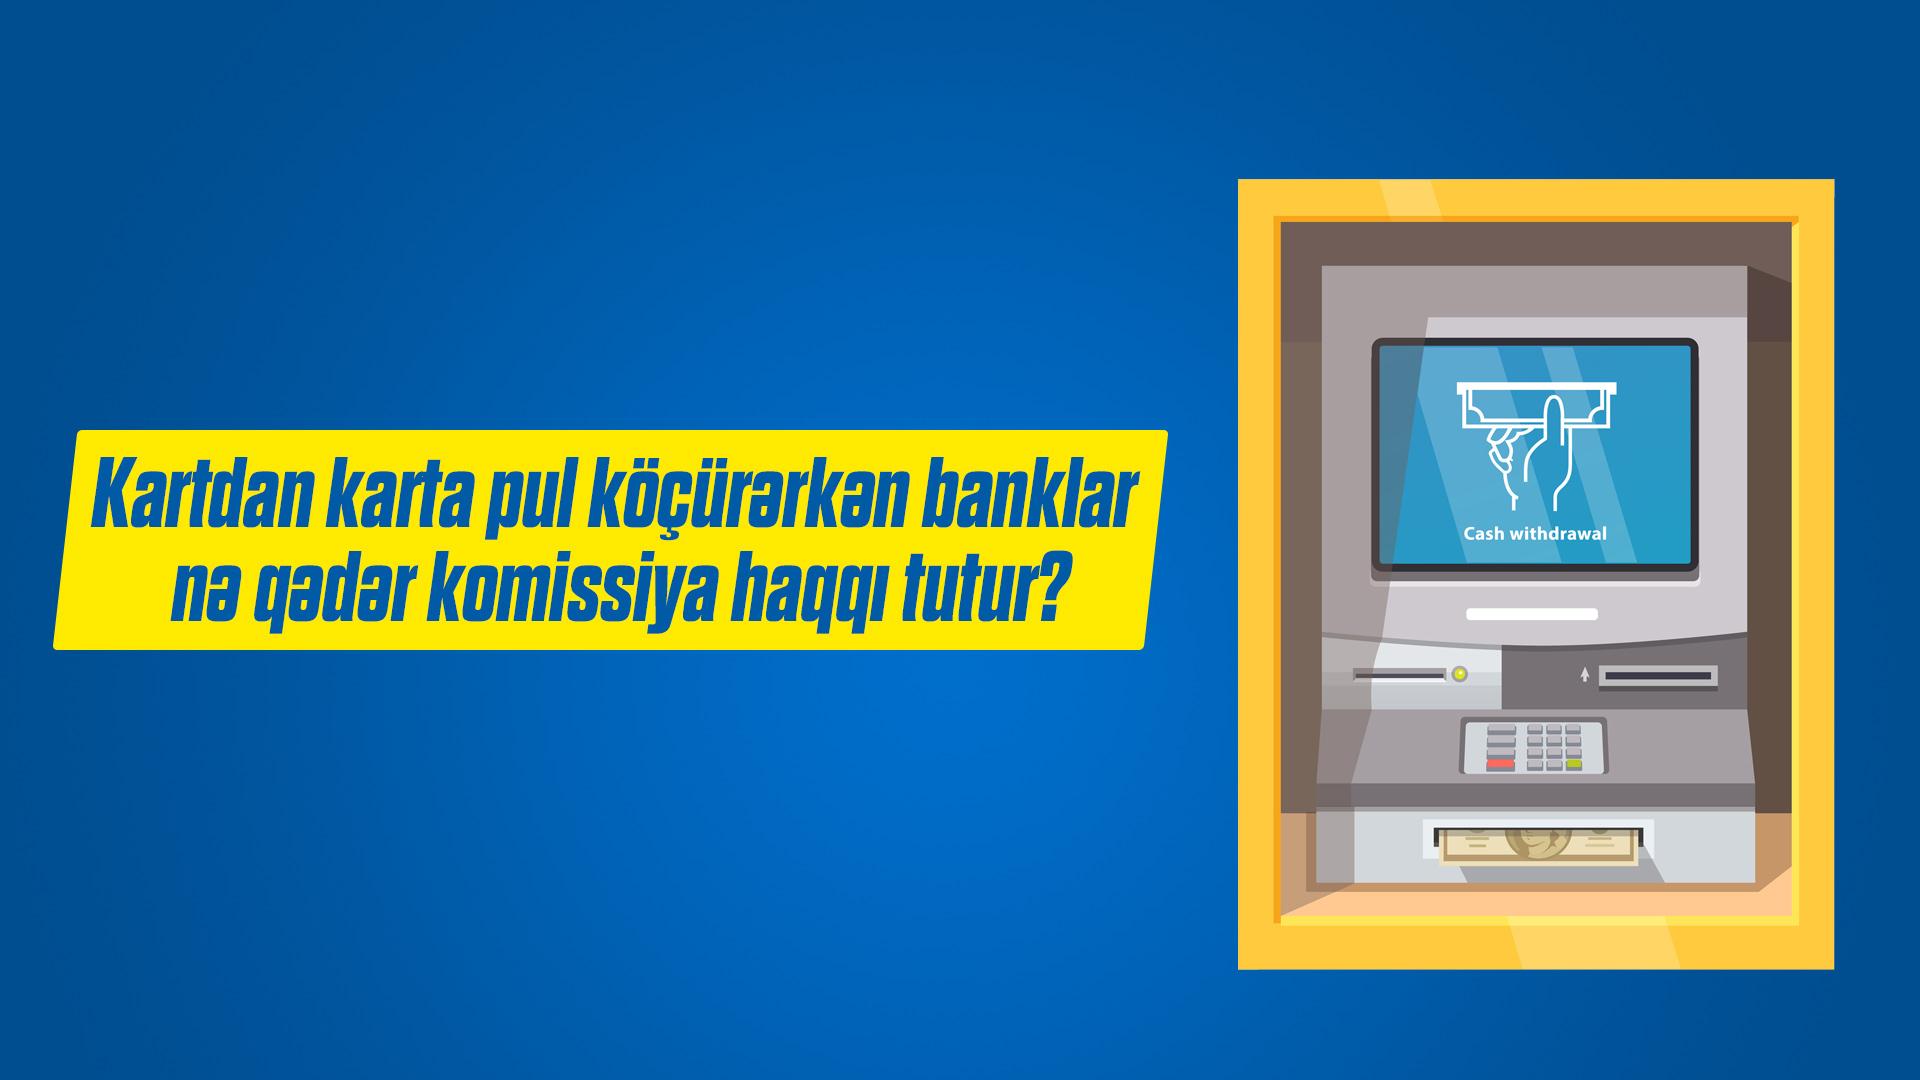 Kartdan karta pul köçürərkən banklar nə qədər komissiya tutur? - ARAŞDIRMA